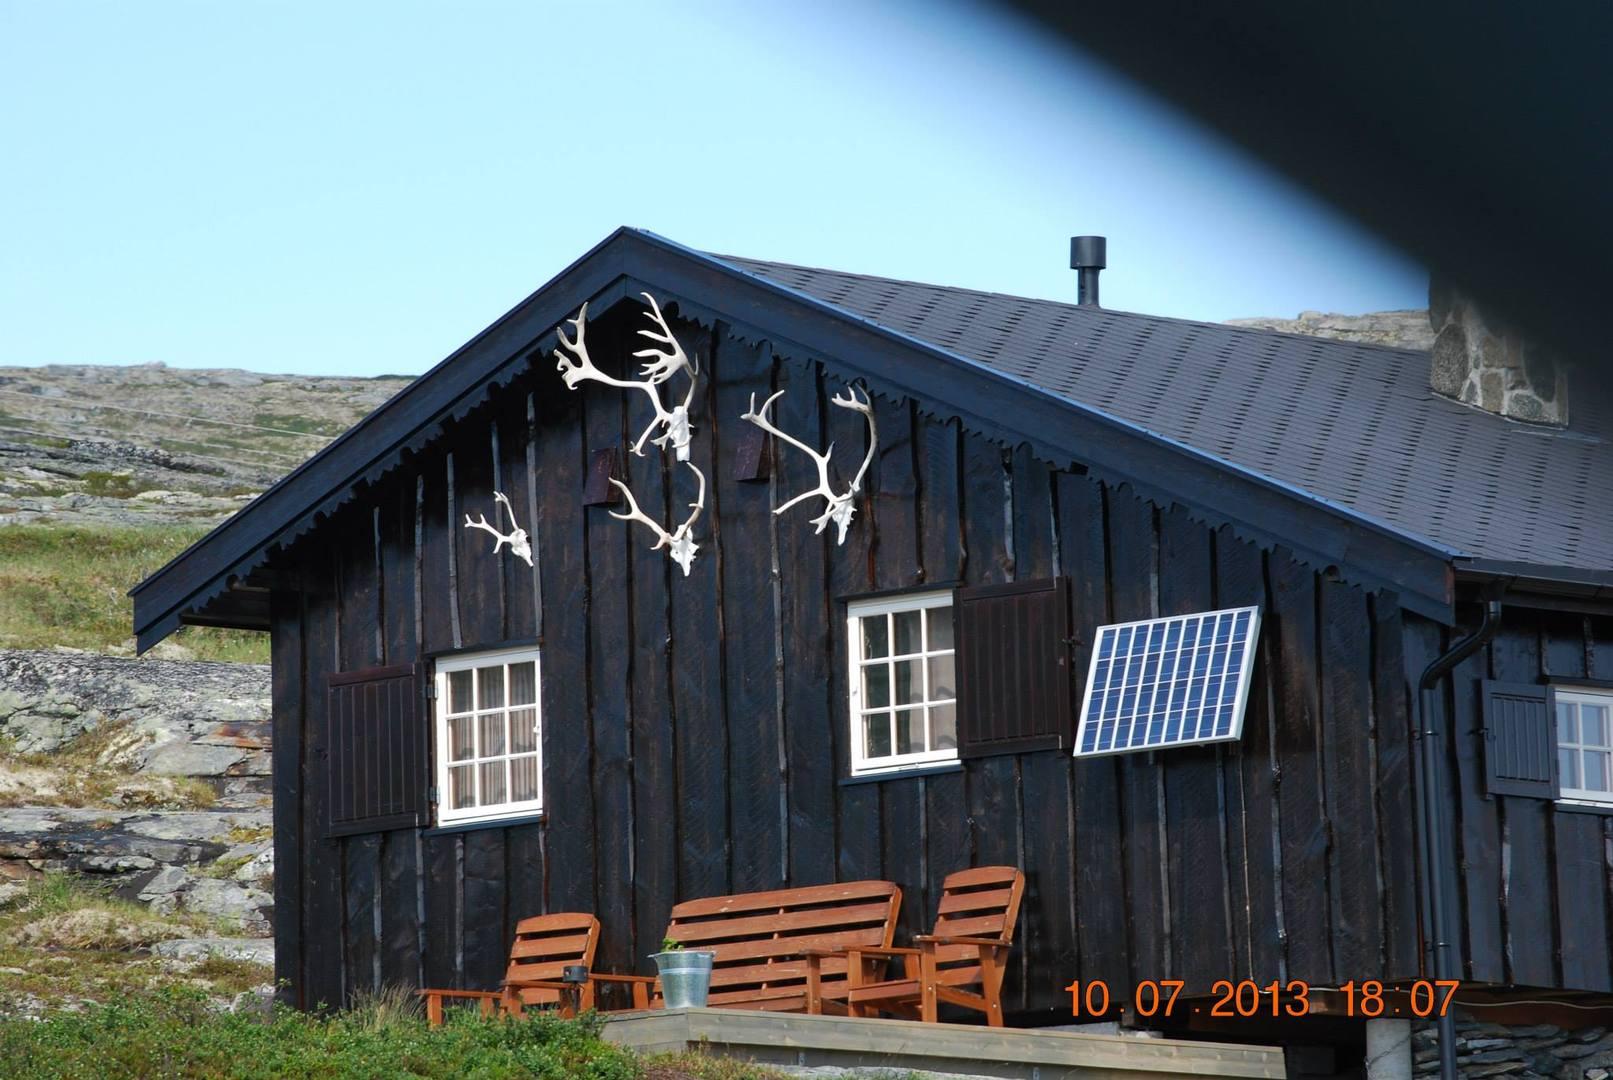 בקתת ציידים עטורה בקרני איילים